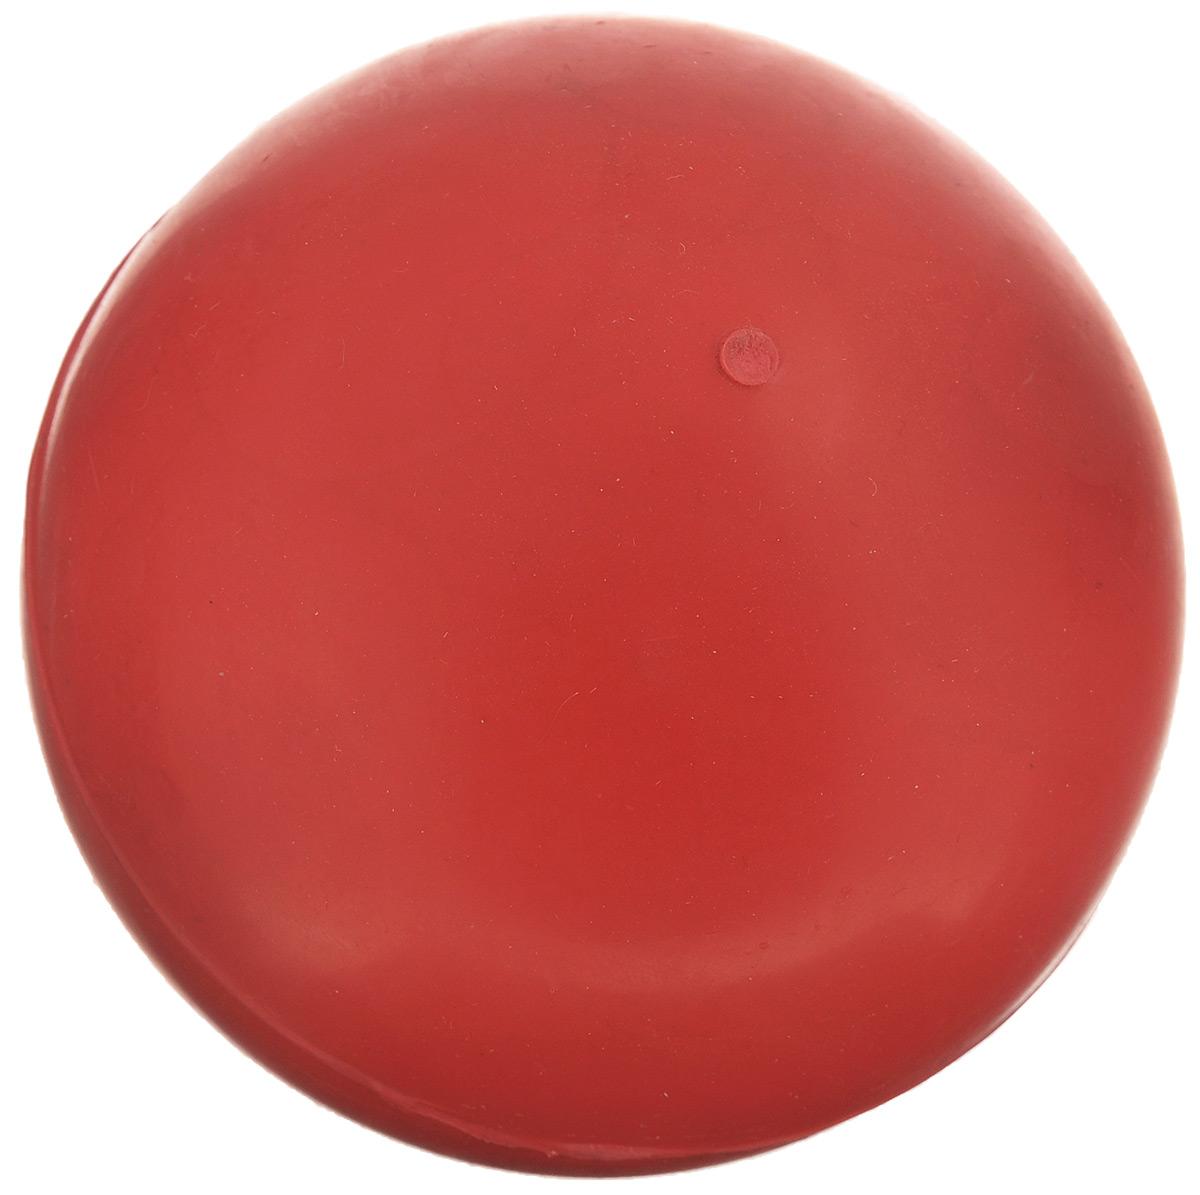 Игрушка для собак Beeztees Мяч, цвет: красный, диаметр 7,5 см игрушка для собак beeztees ослик 619691